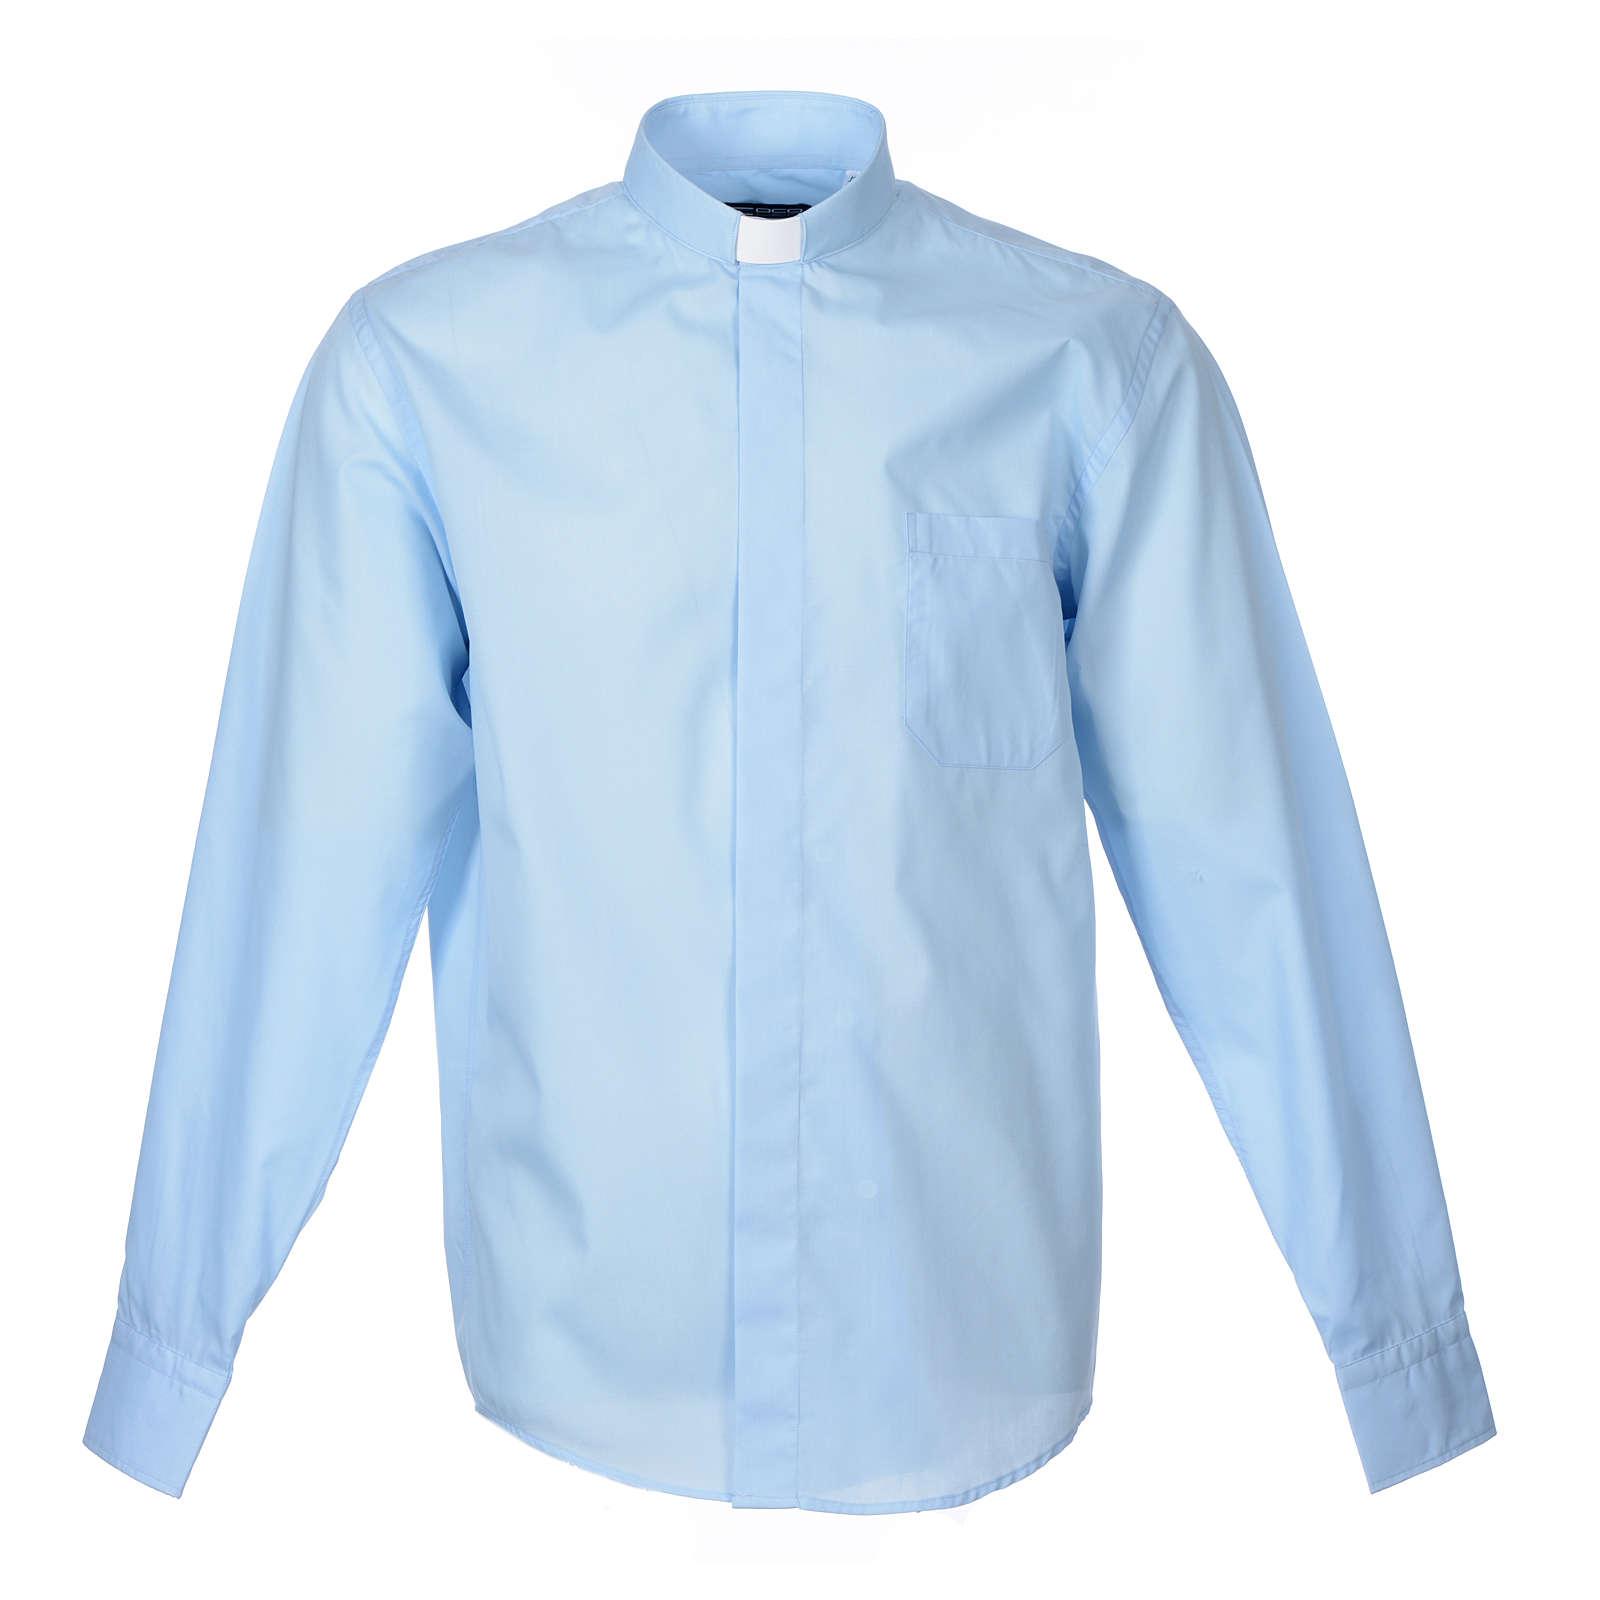 Koszula kapłańska długi rękaw, bawełna mieszana błękitna 4